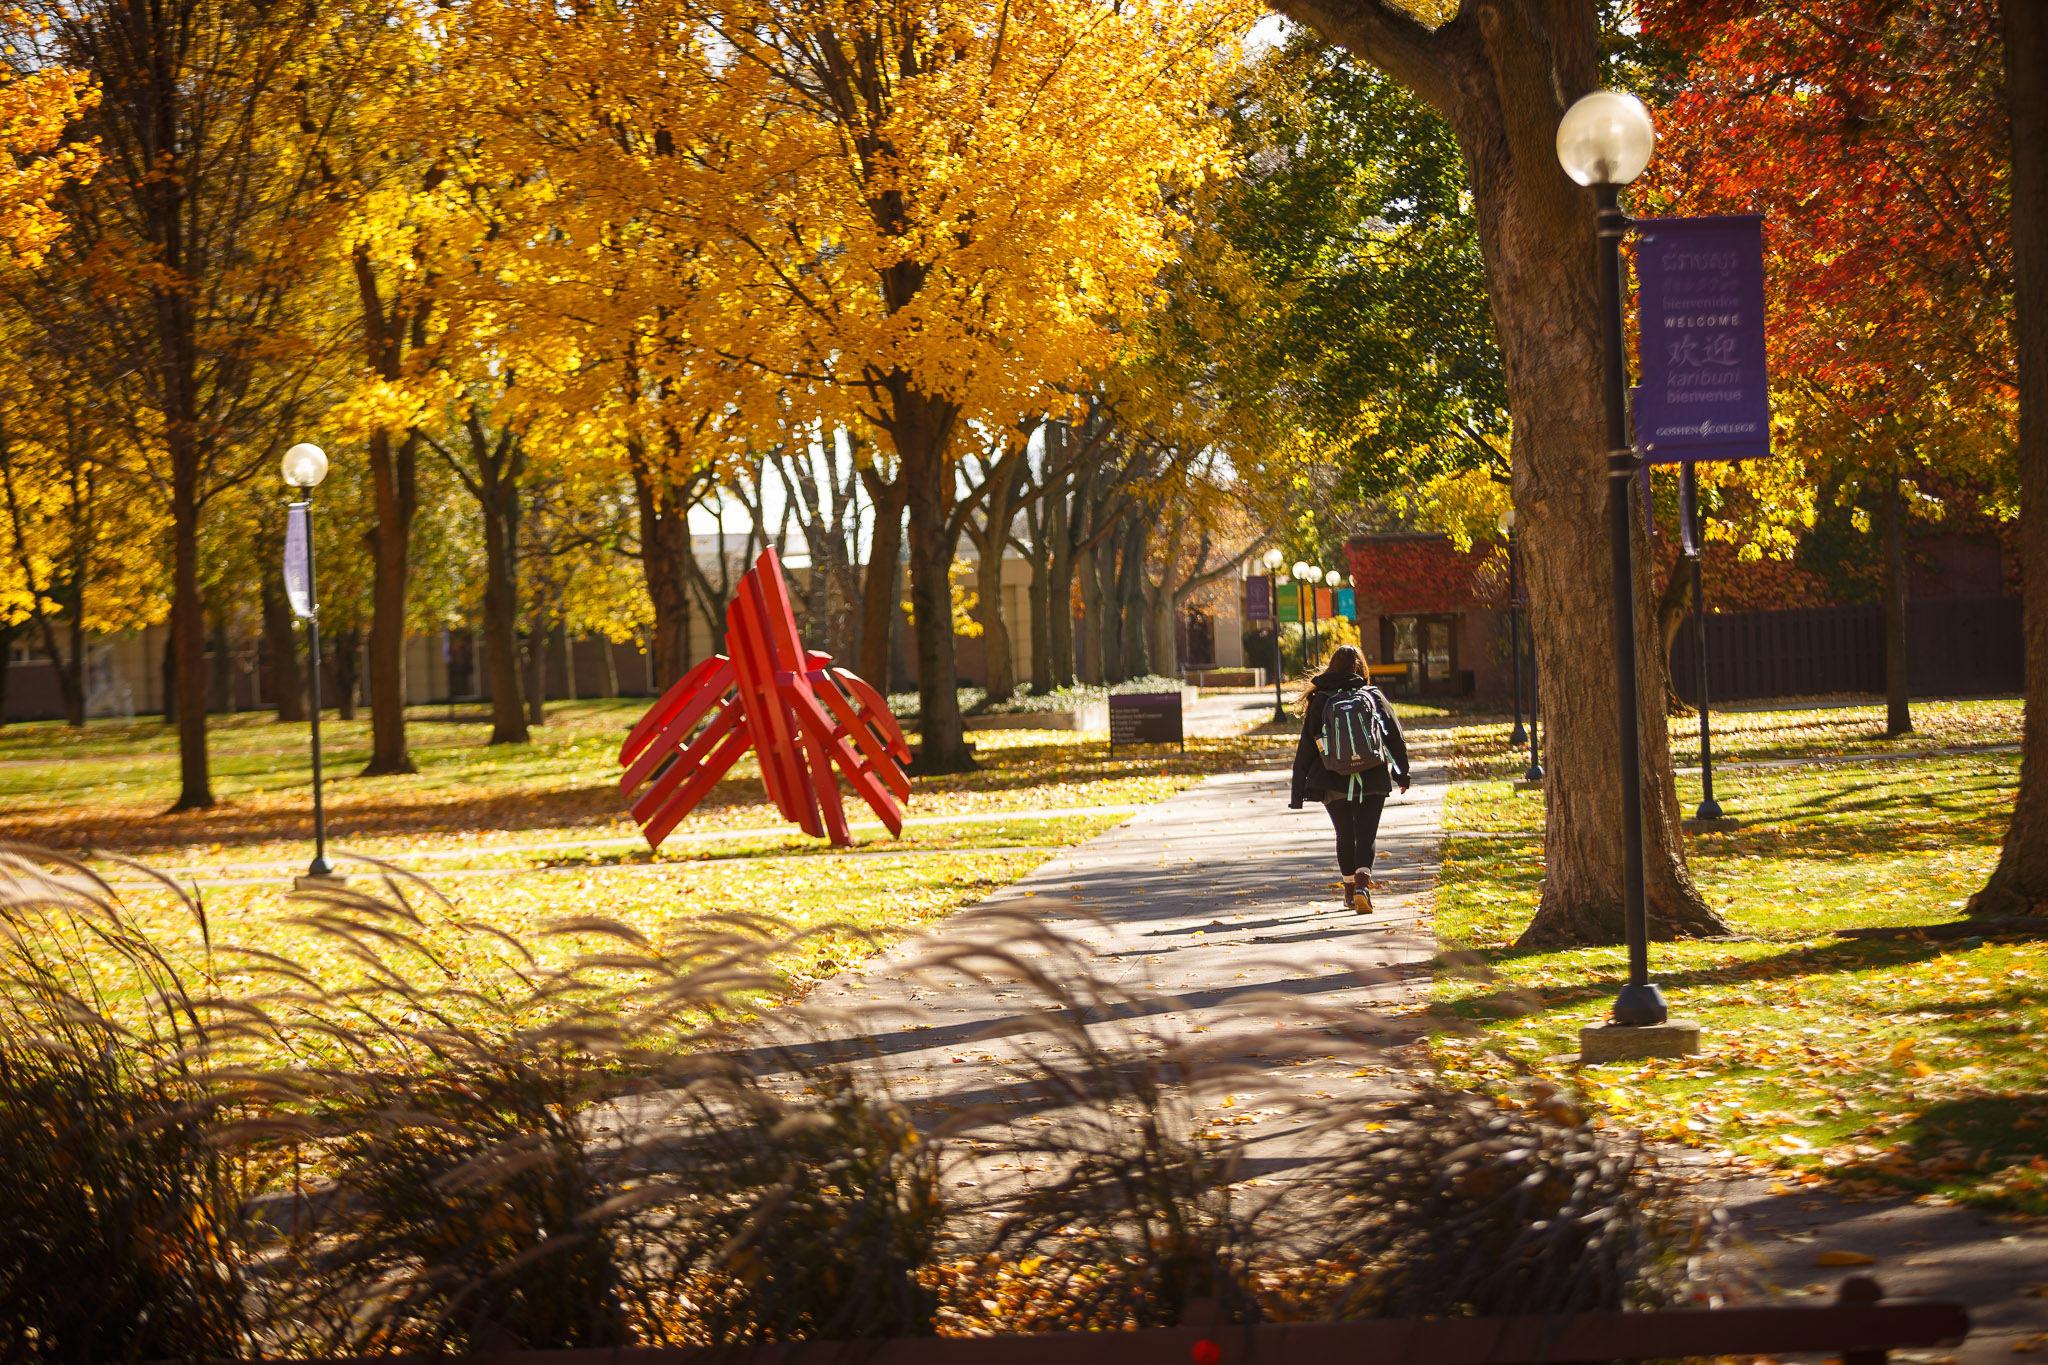 Campus scene in autumn